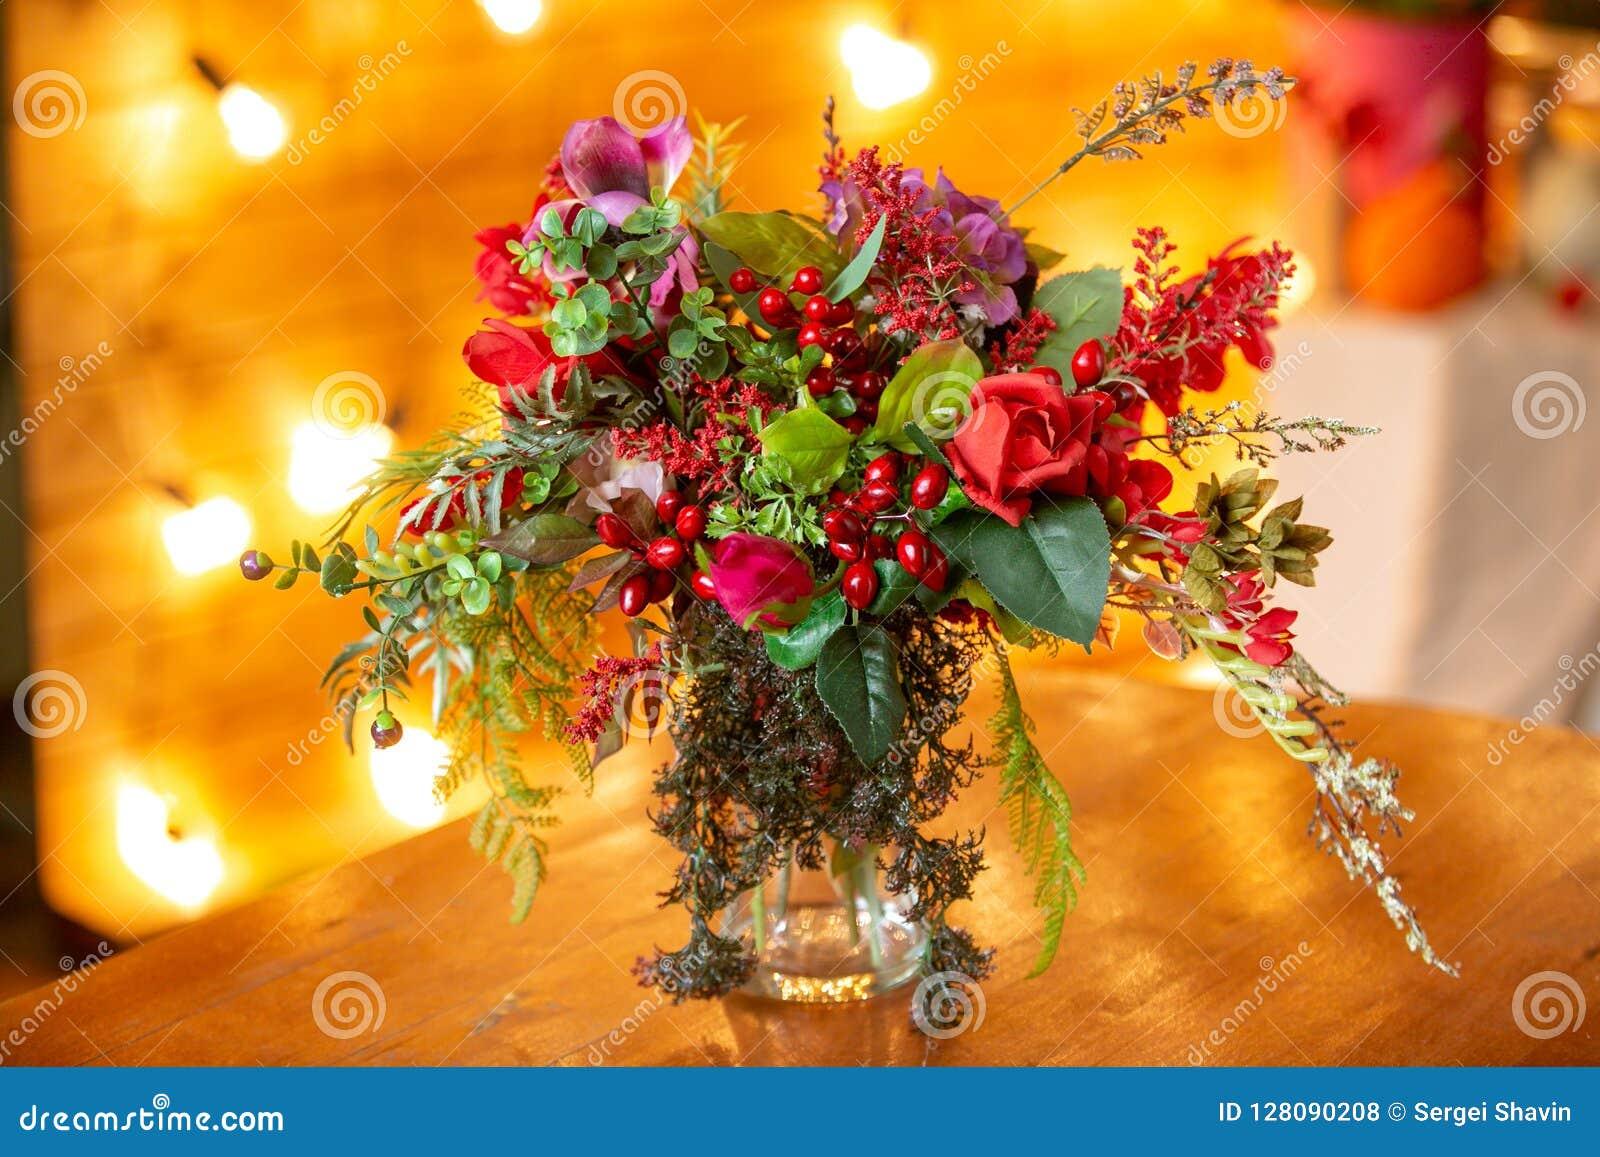 花的布置用红色莓果、英国兰开斯特家族族徽和绿色在桌上